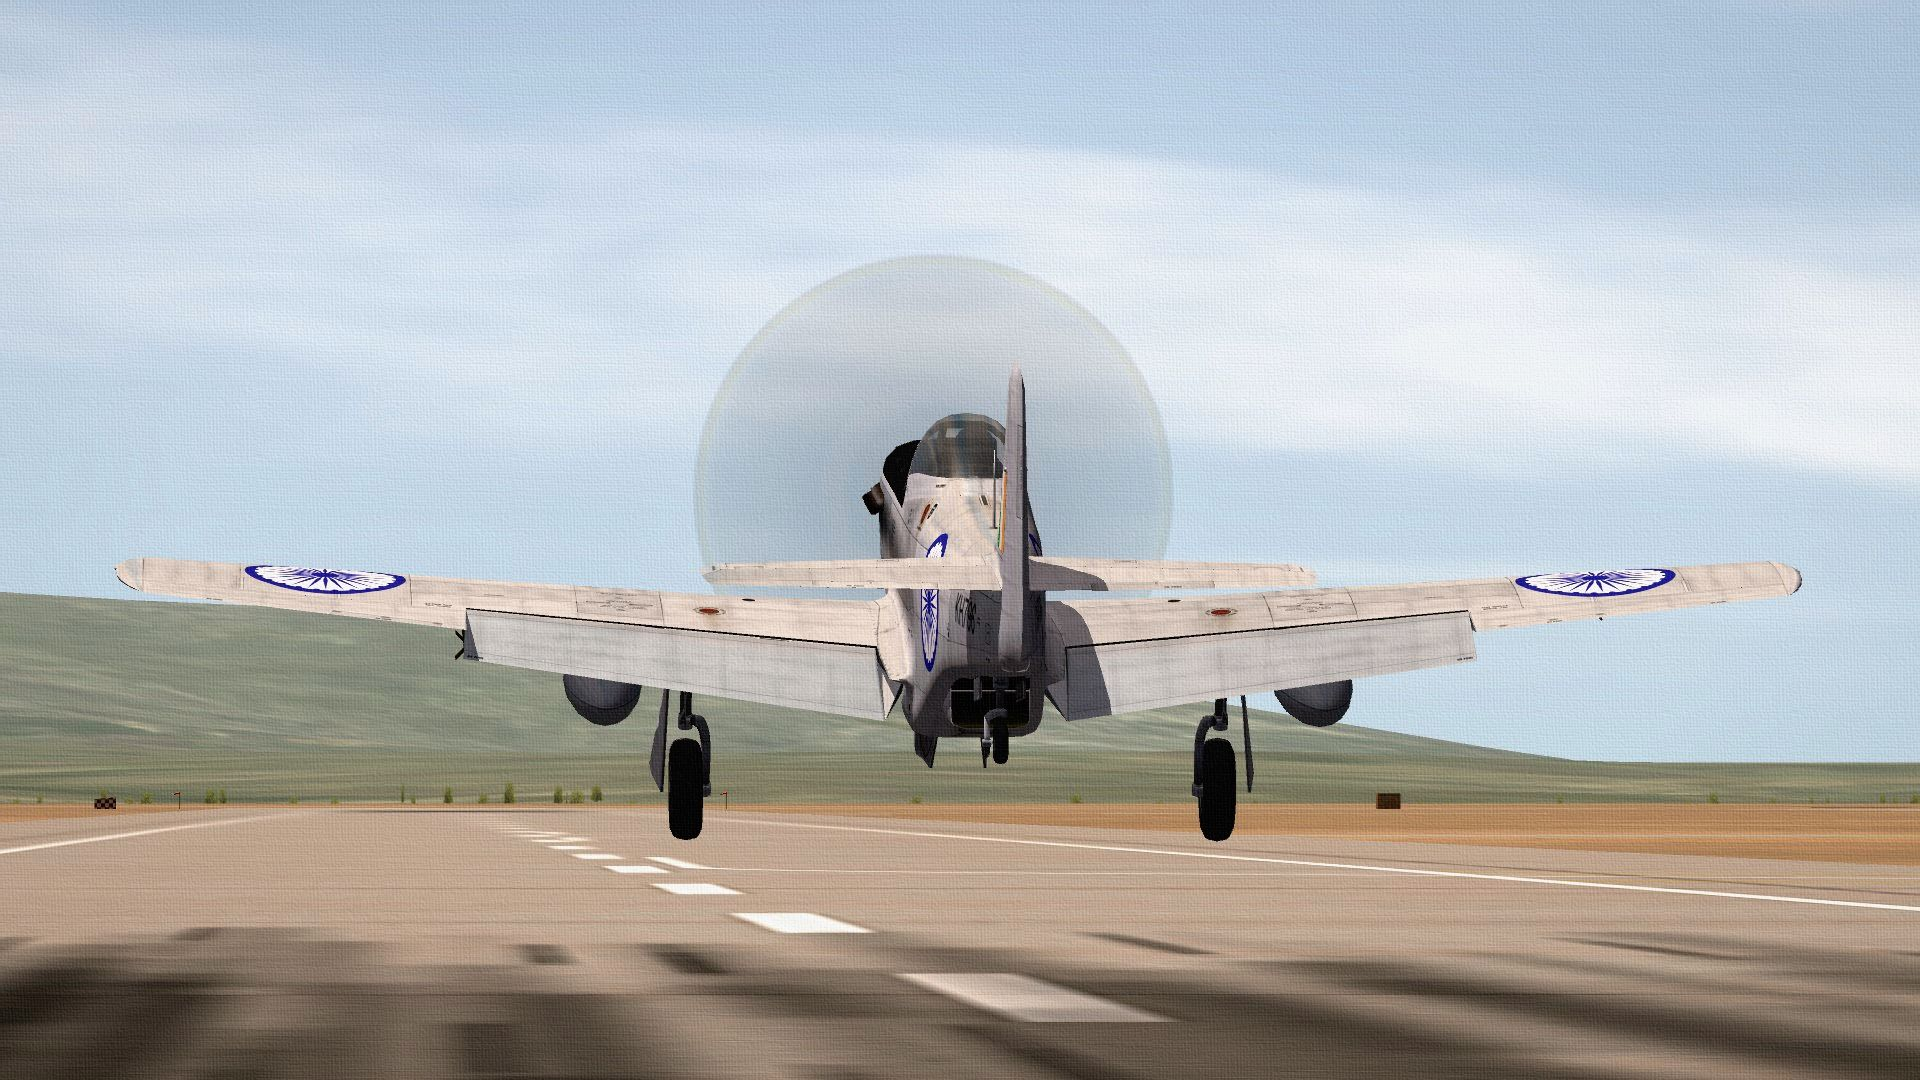 IAFP-51DMUSTANG02_zps177901f3.jpg